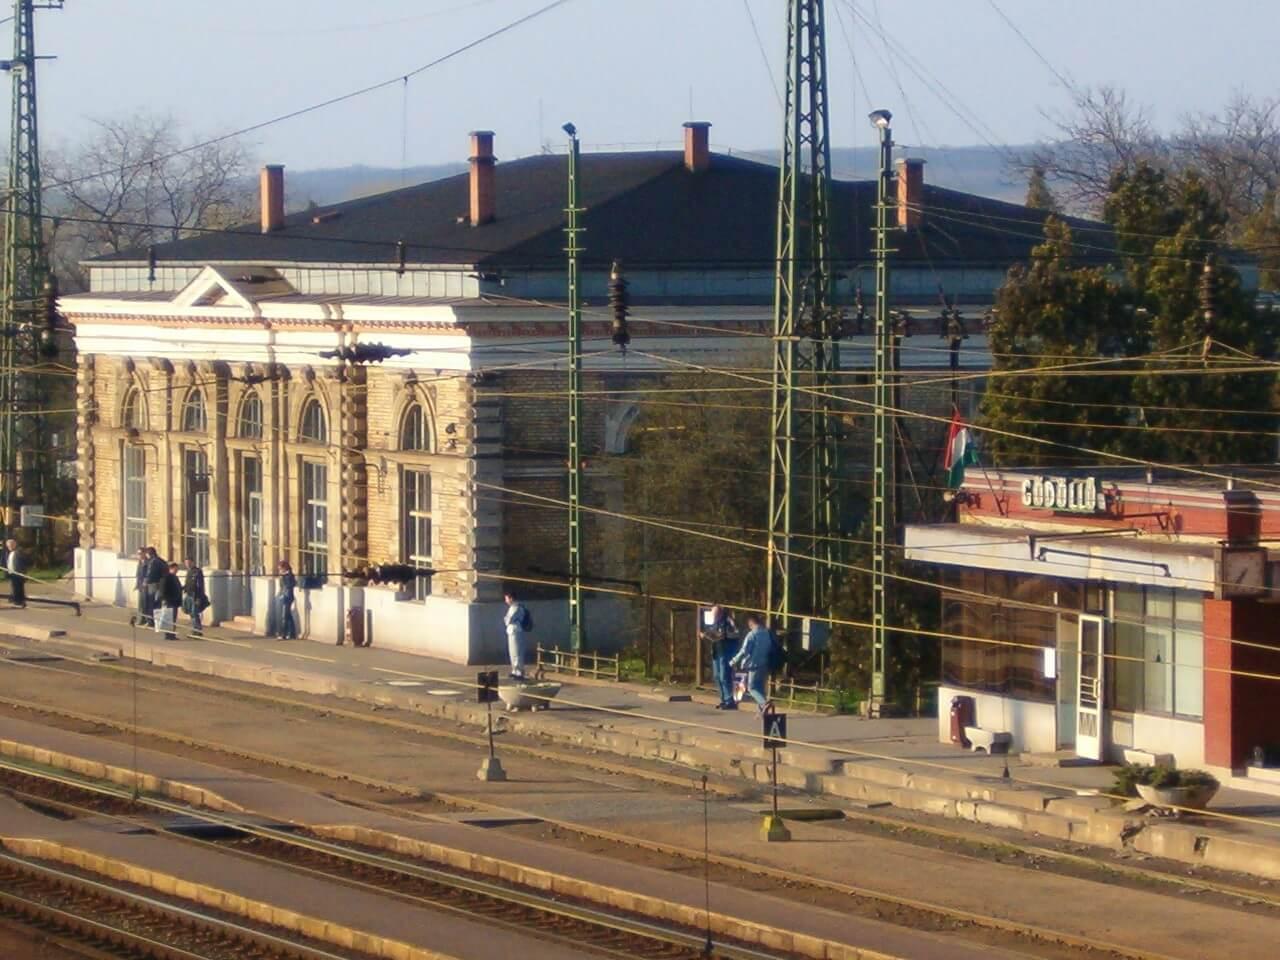 150 éves vasútvonalat újít fel a Swietelsky